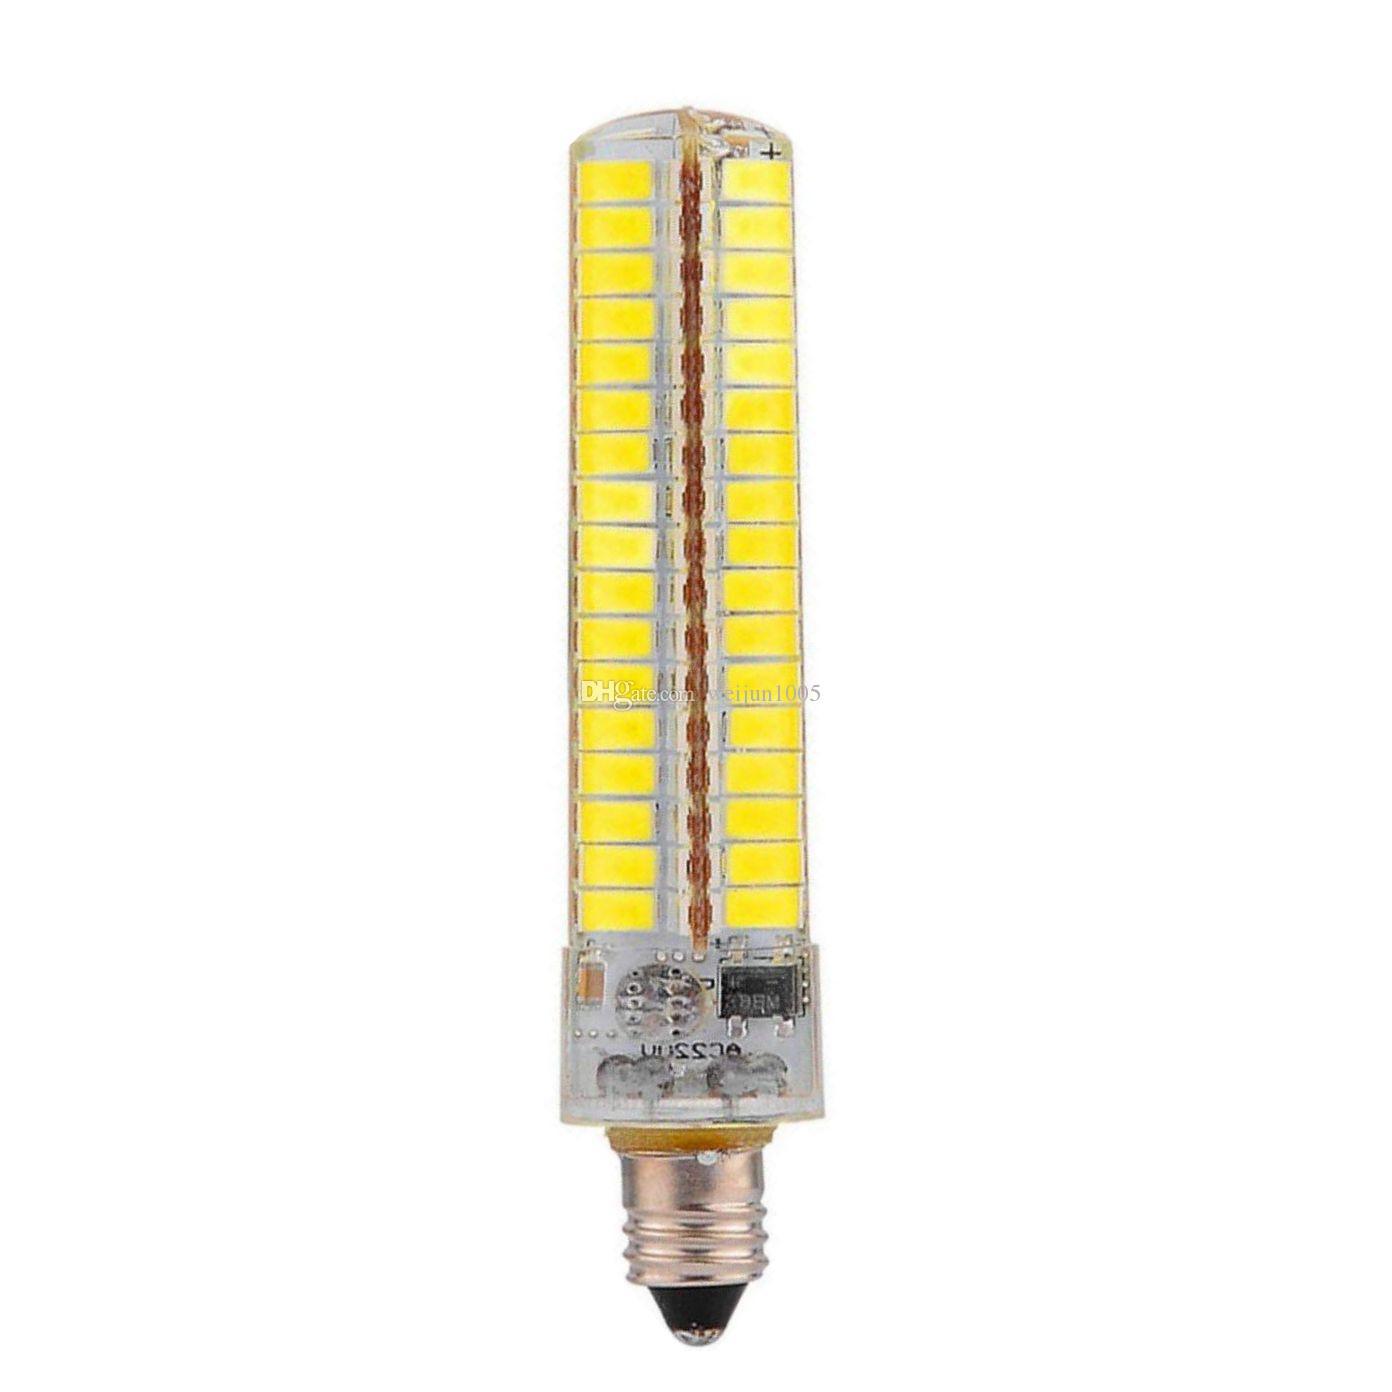 Сид Е11 Е12 Е14 Е17 G9 с цоколем G4 ва 15D энергосберегающая лампа затемнения 5730 СМД 136 LED силиконовые лампа 10W небольшой светильник мозоли